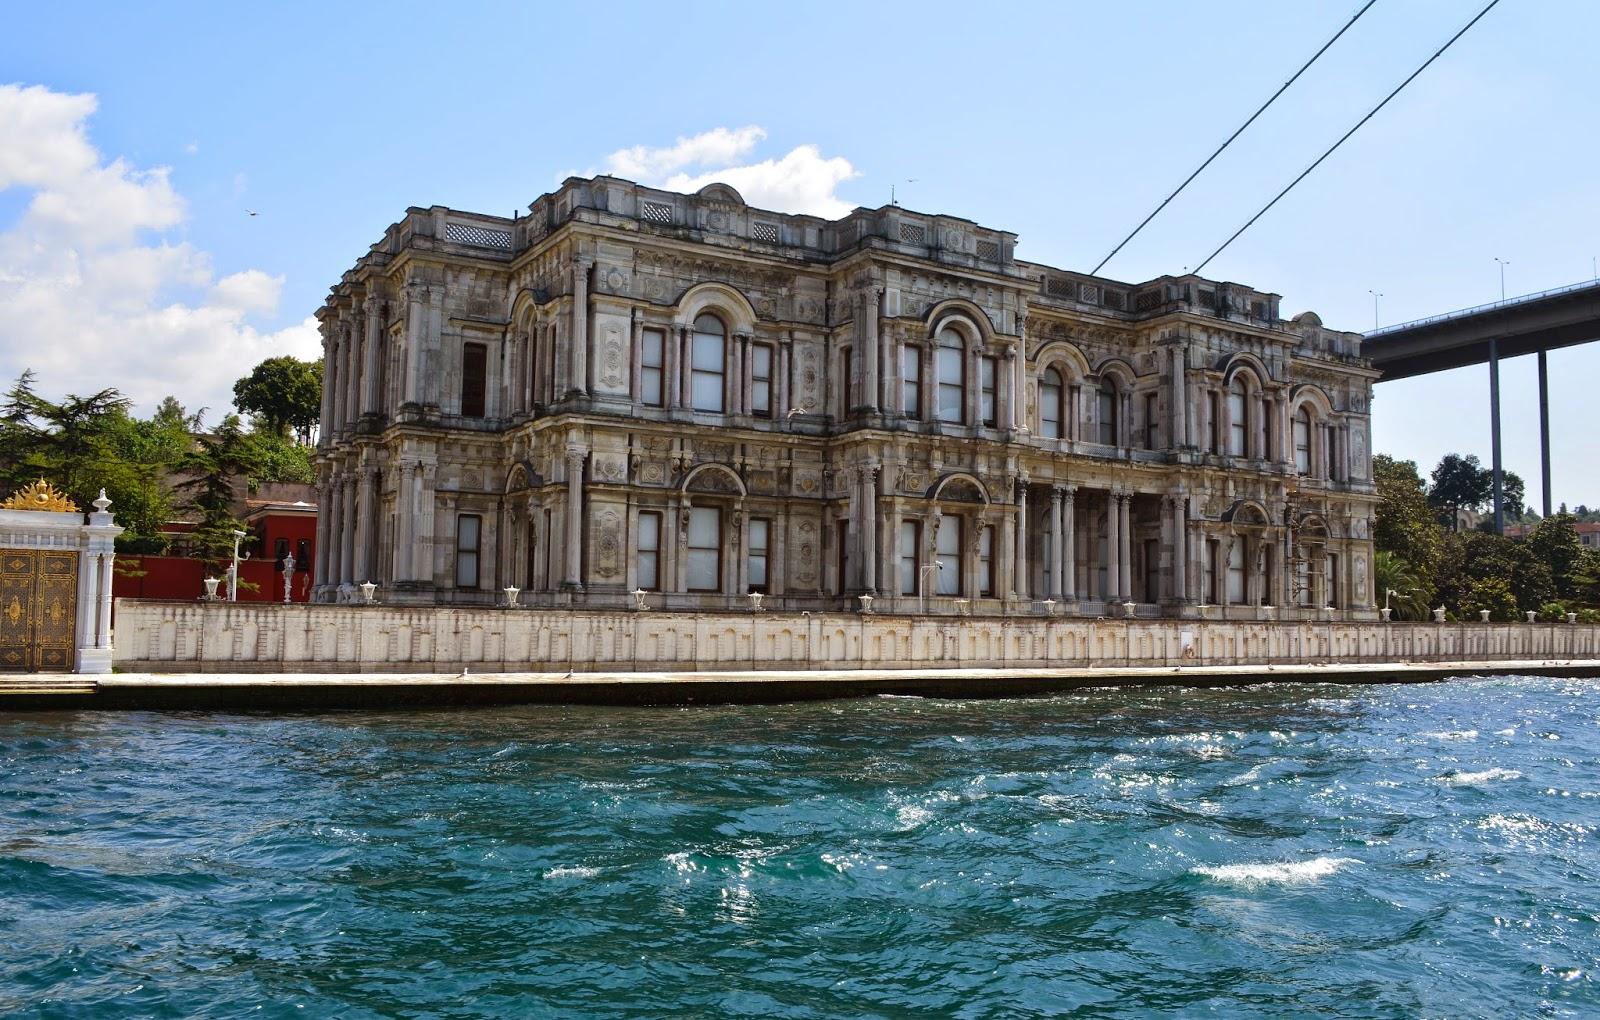 Mparatoriçe Eugénie'nin İstanbul Ziyareti Sırasında Kaldığı Beylerbeyi Sarayı